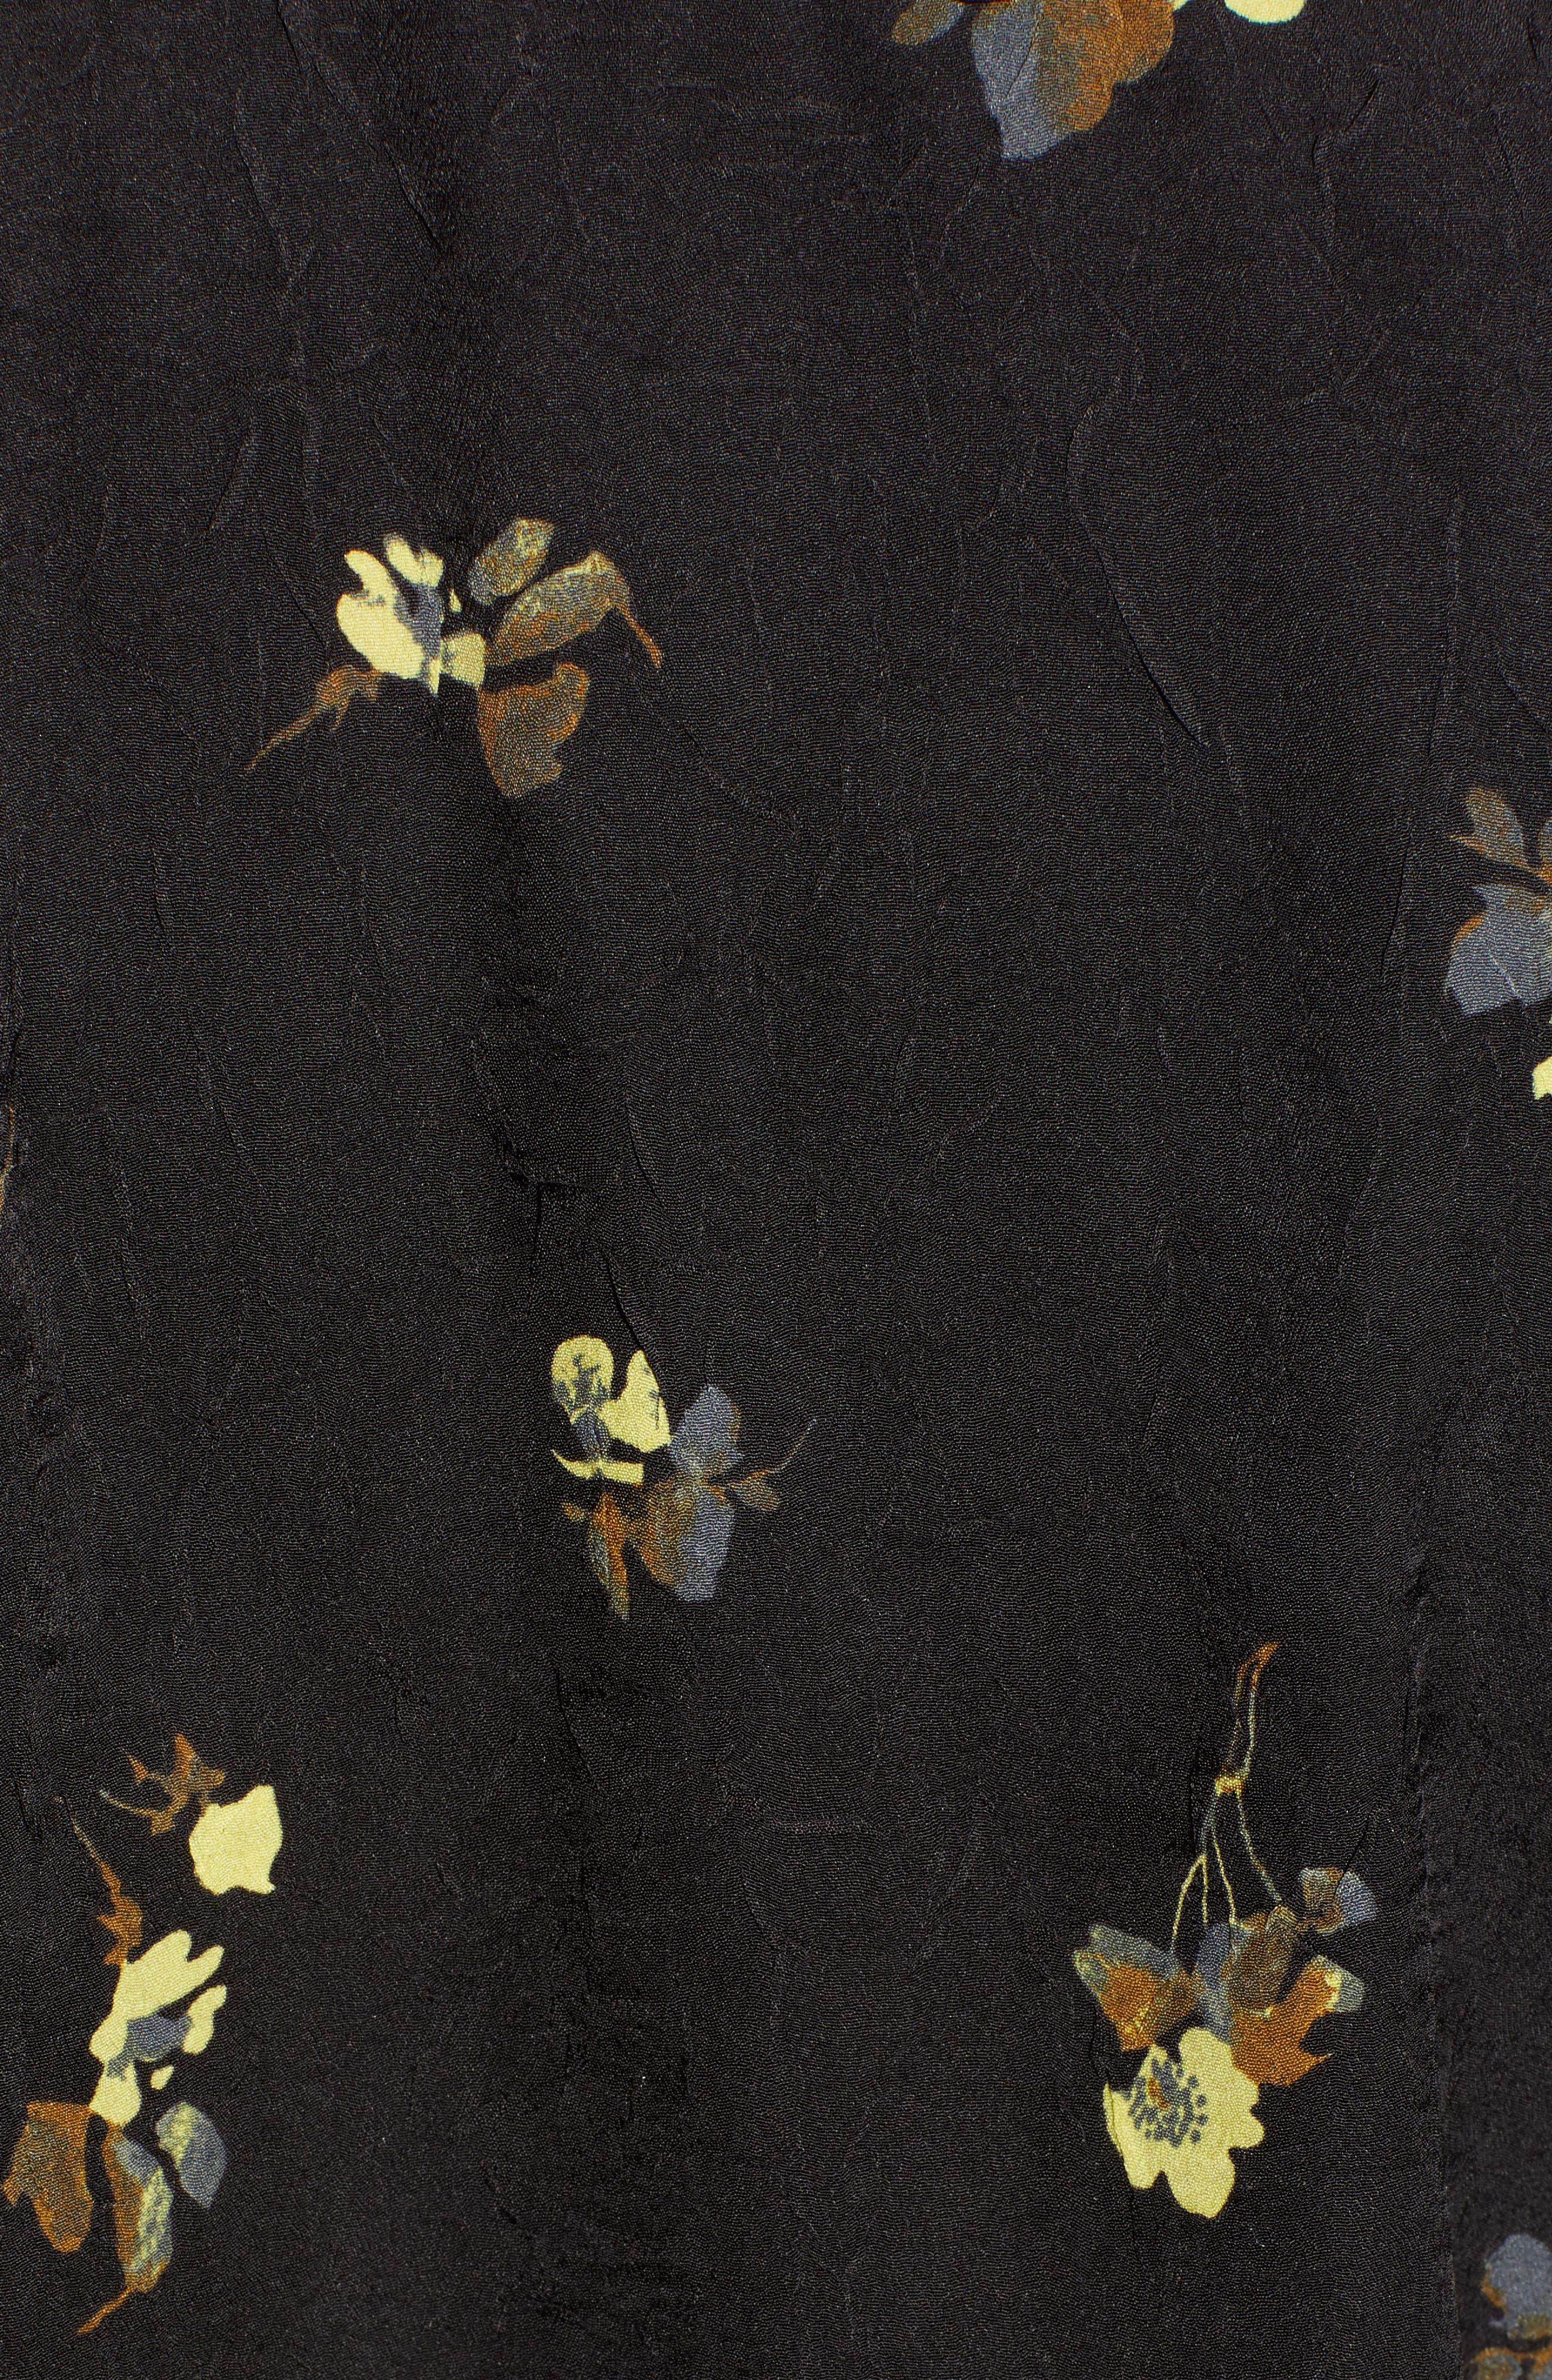 Floral Print Faux Wrap Top,                             Alternate thumbnail 5, color,                             BLACK METEORITE SOFT BLOOMS